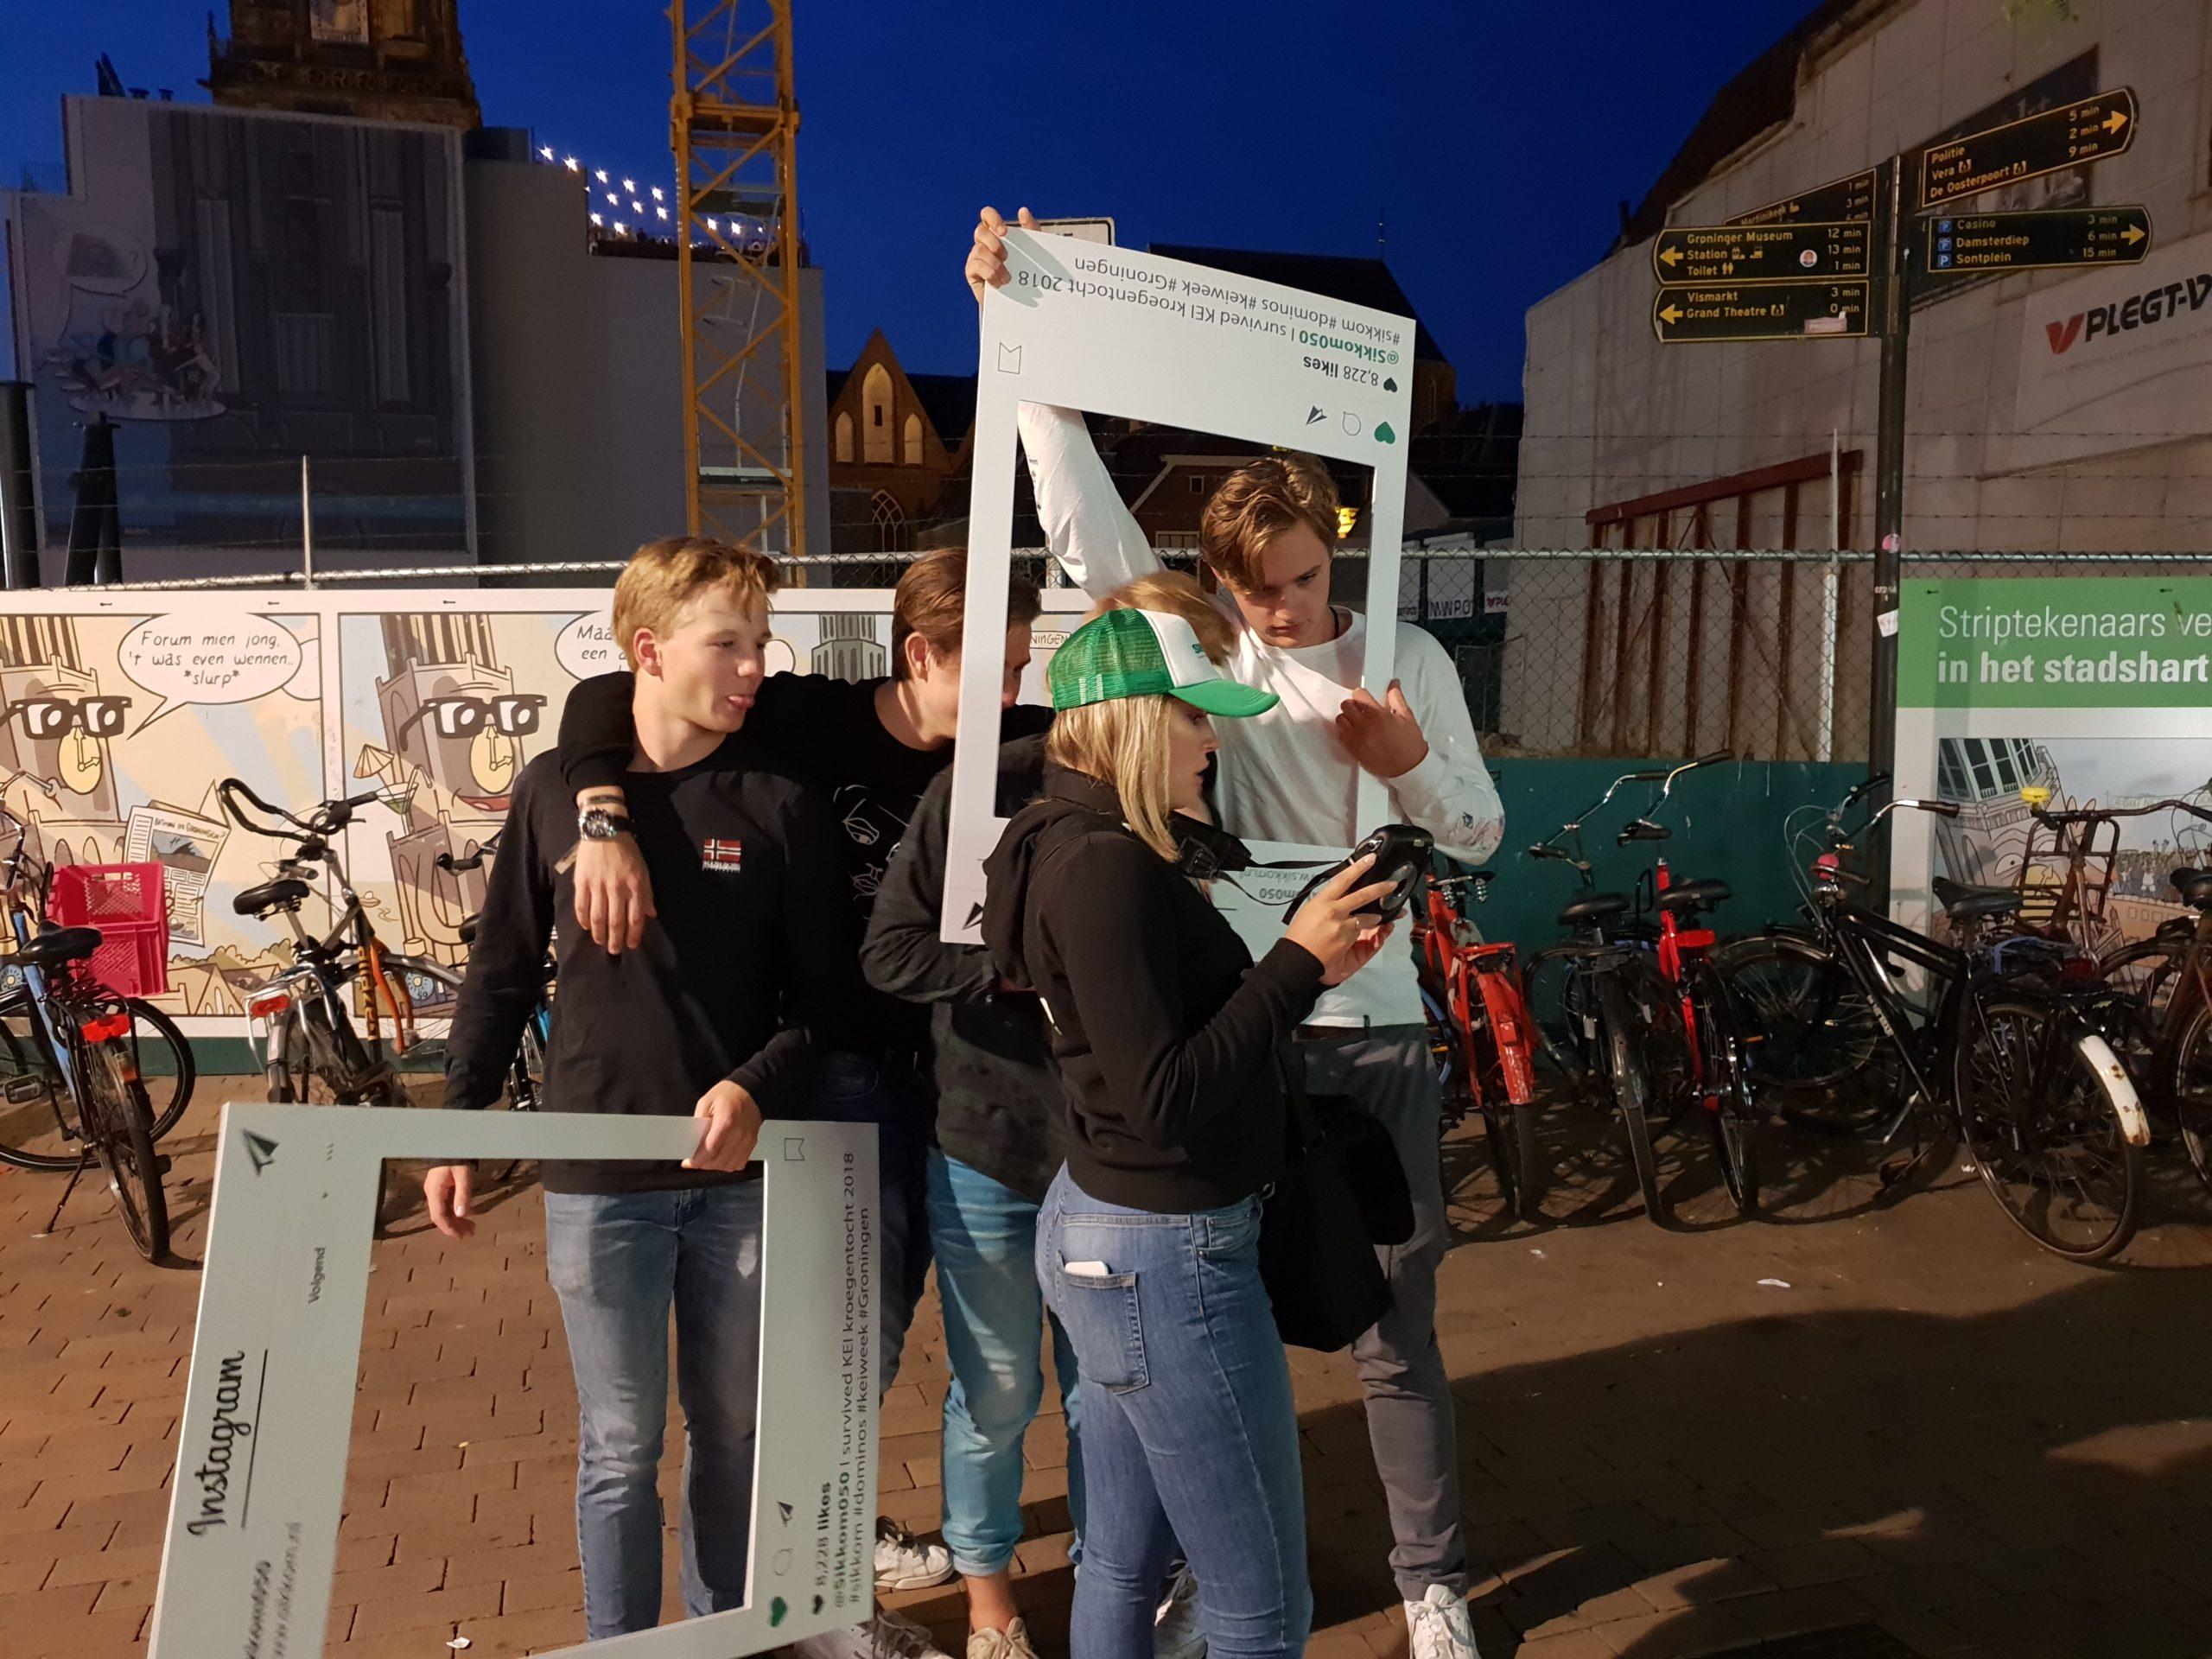 Sikkom - hostesses - promoteam - sampling - polaroid